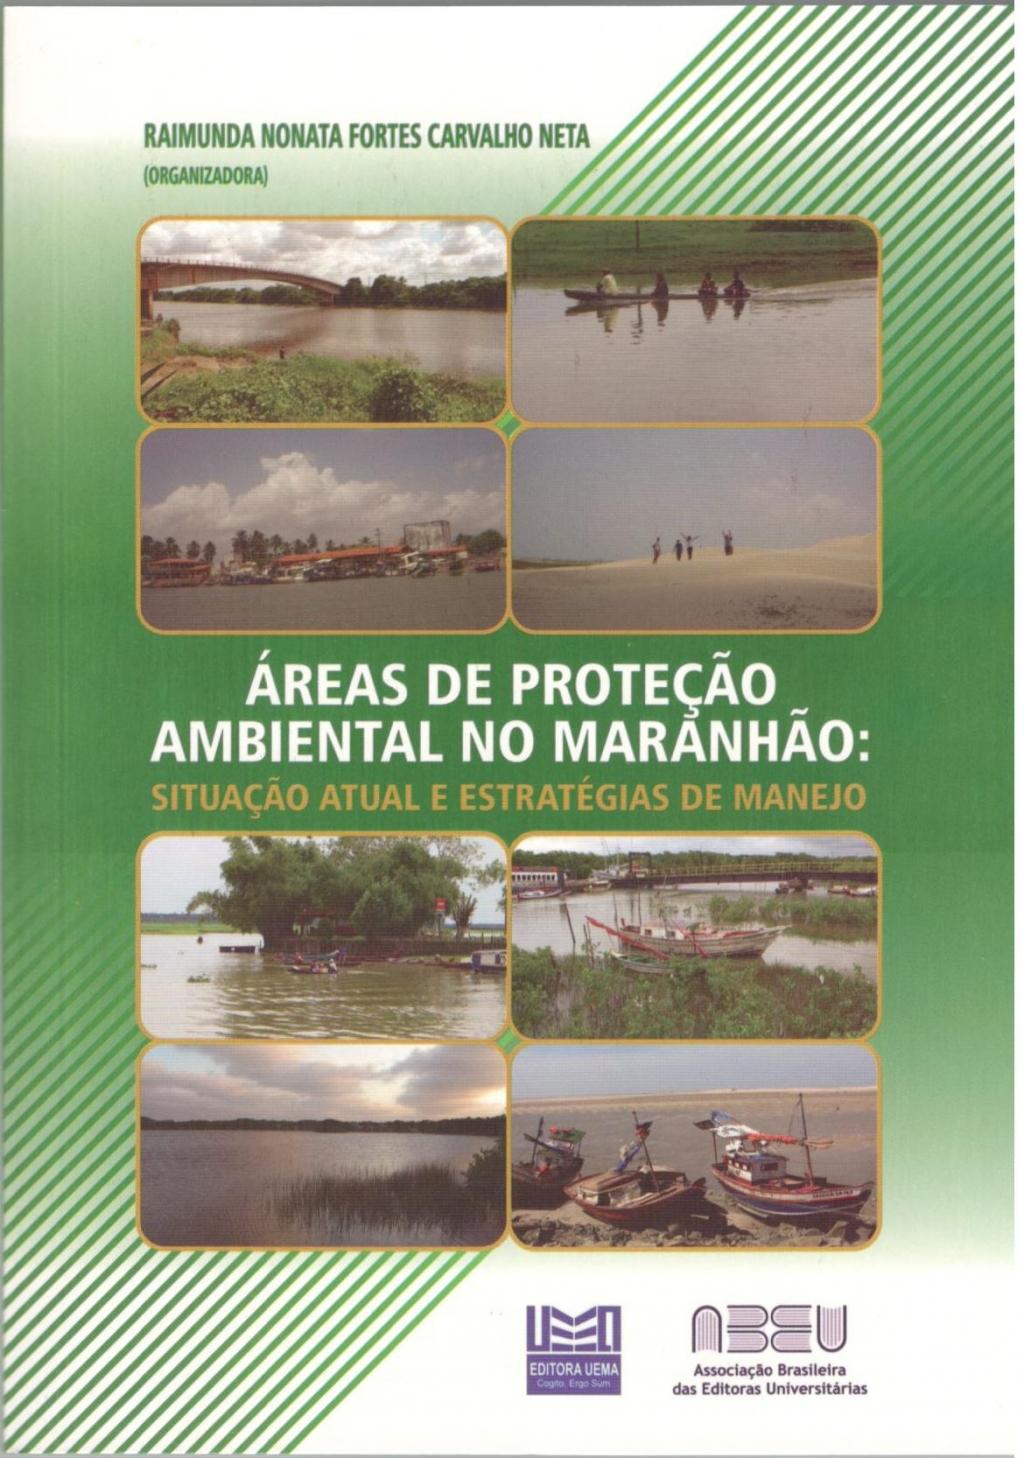 Áreas de proteção ambiental no Maranhão (Esgotado)